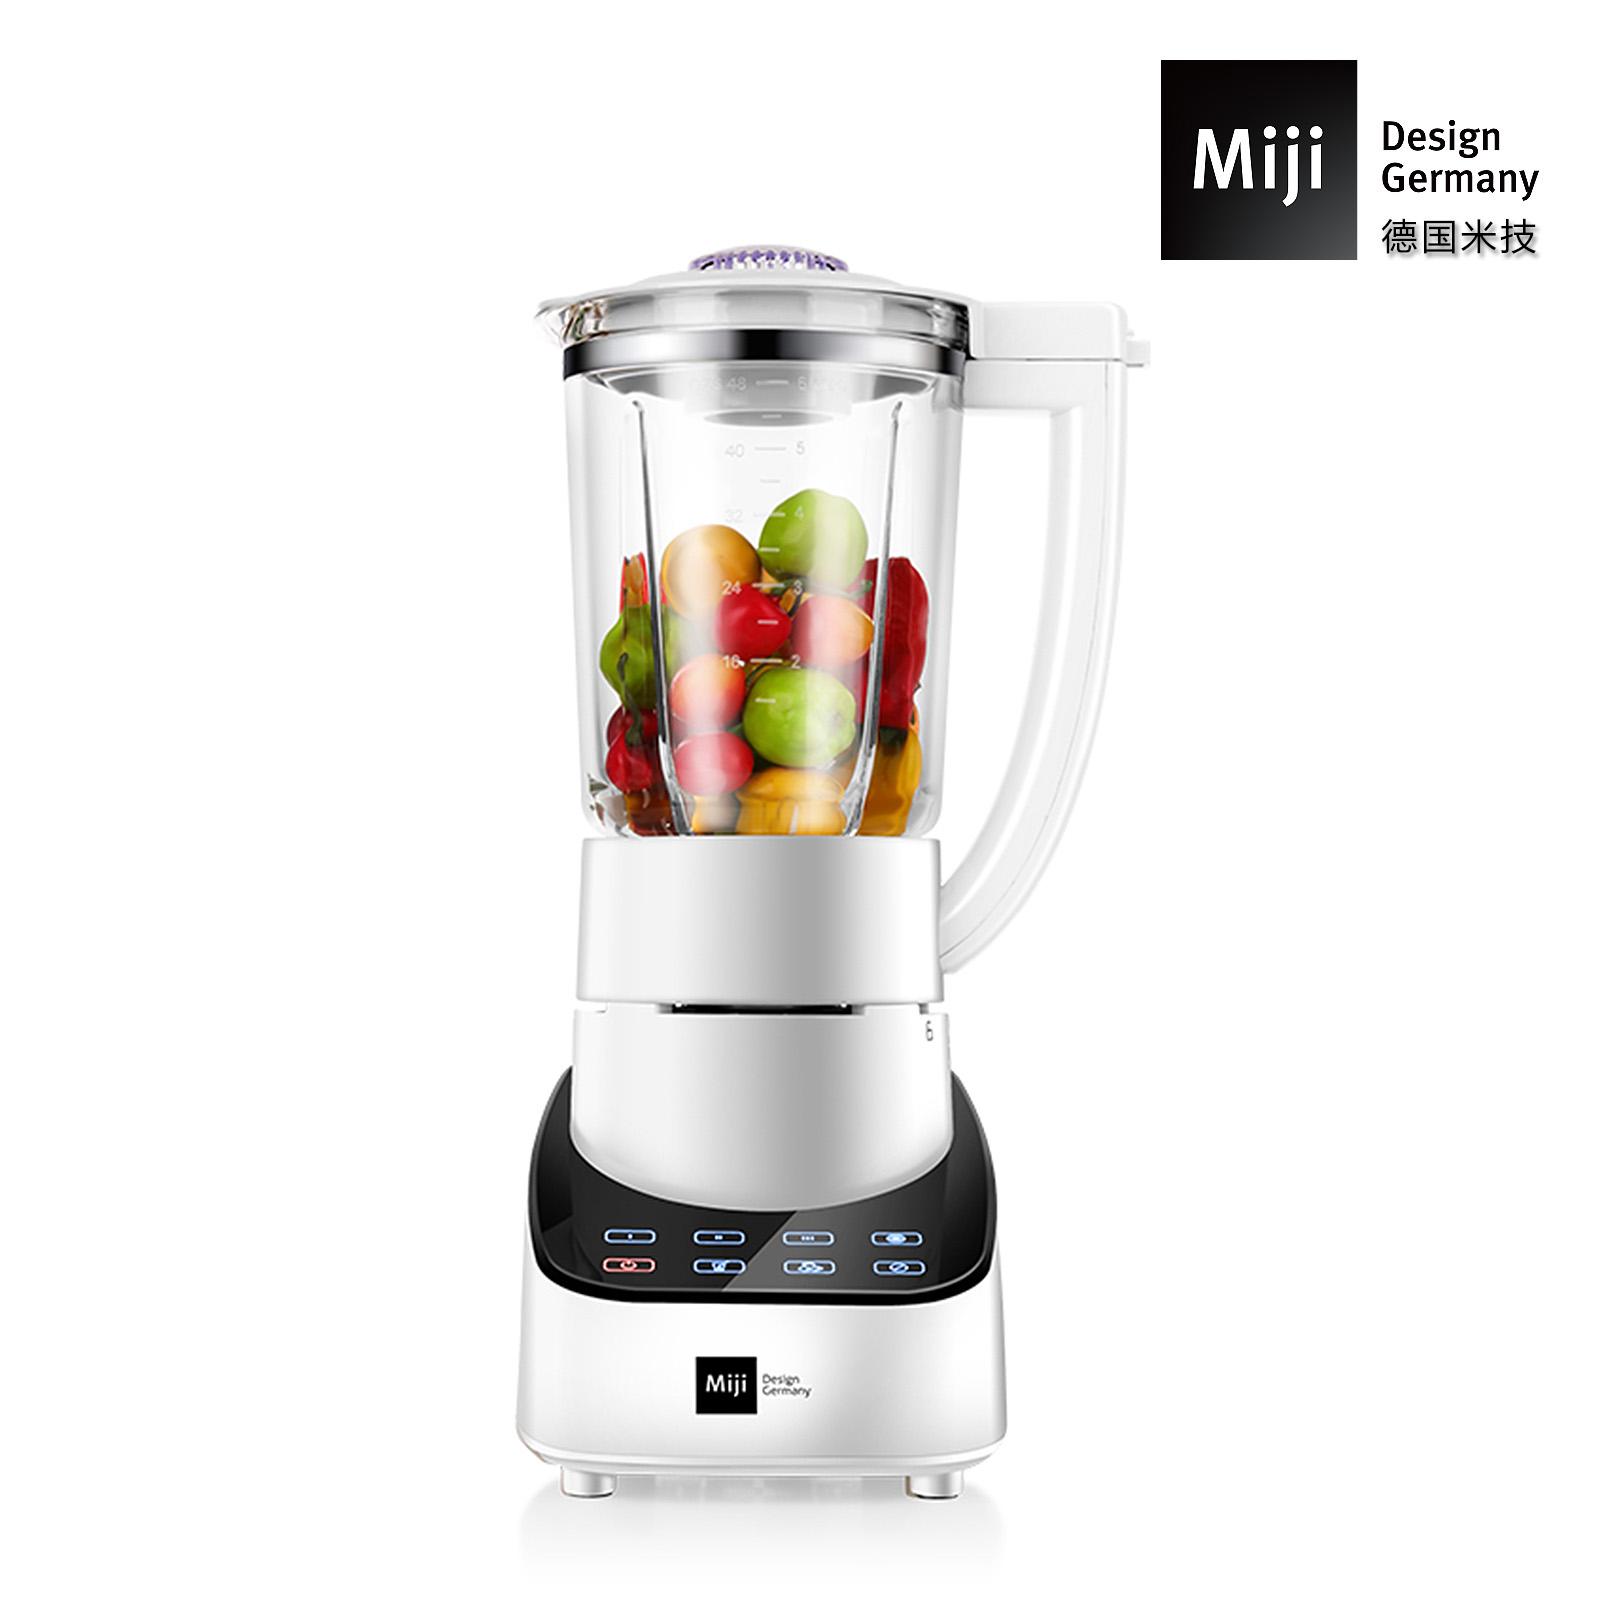 MIJI米技榨汁机便携 随身杯多功能炸果汁辅食料理机搅拌机果汁杯 德国精工MB-1118